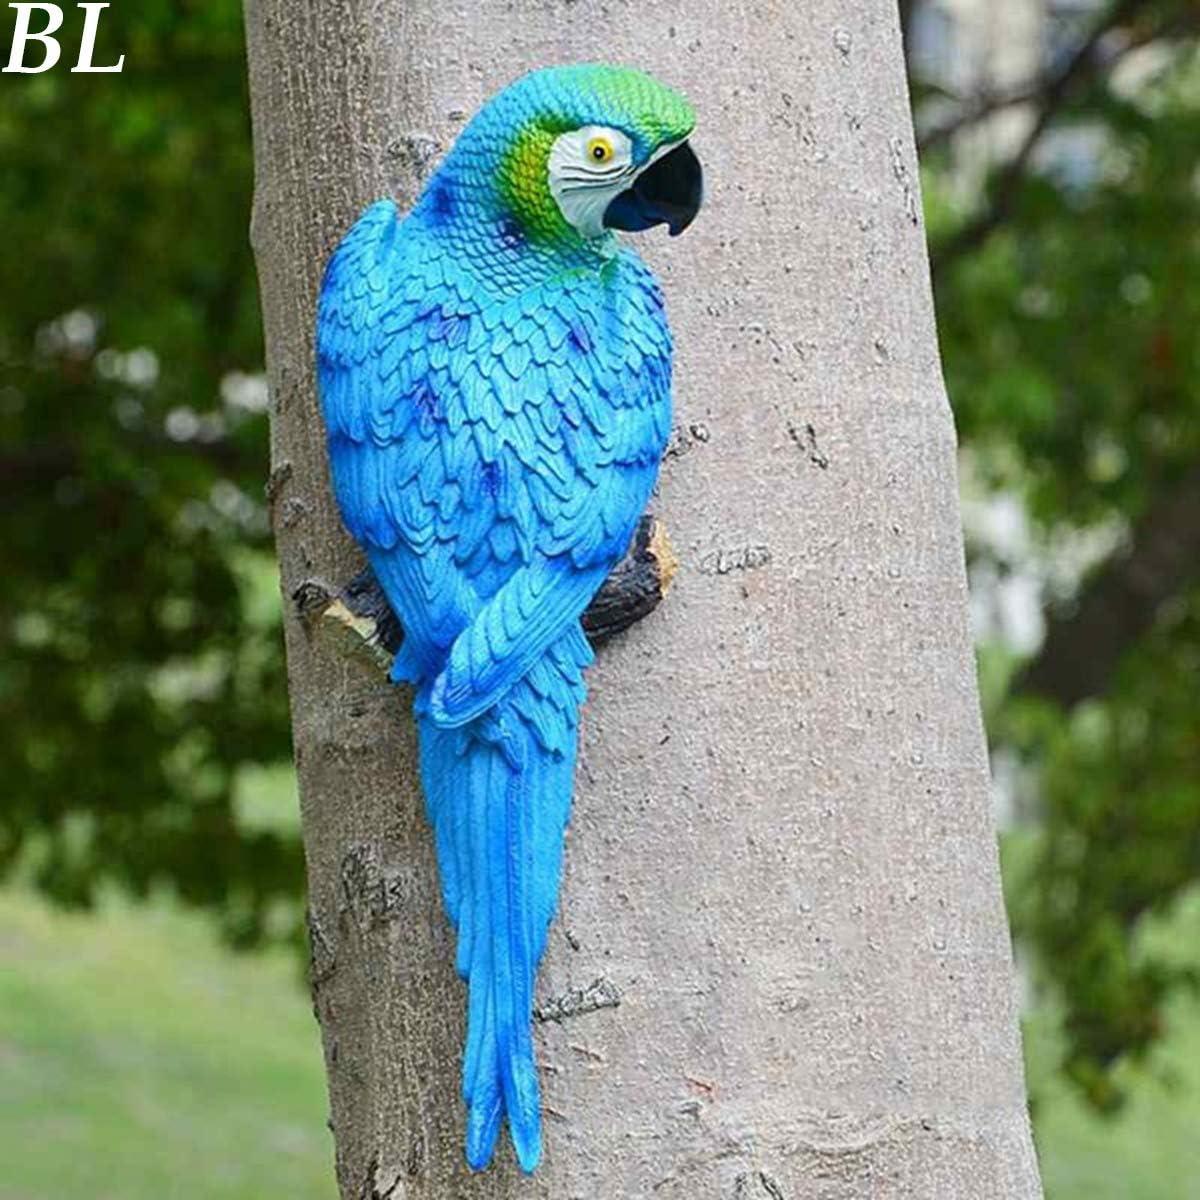 CHDHALTD Lifelike Parrot Figurines,DIY Parrot Statues Home Decorations Garden Ornaments Sculptures(Blue Left)